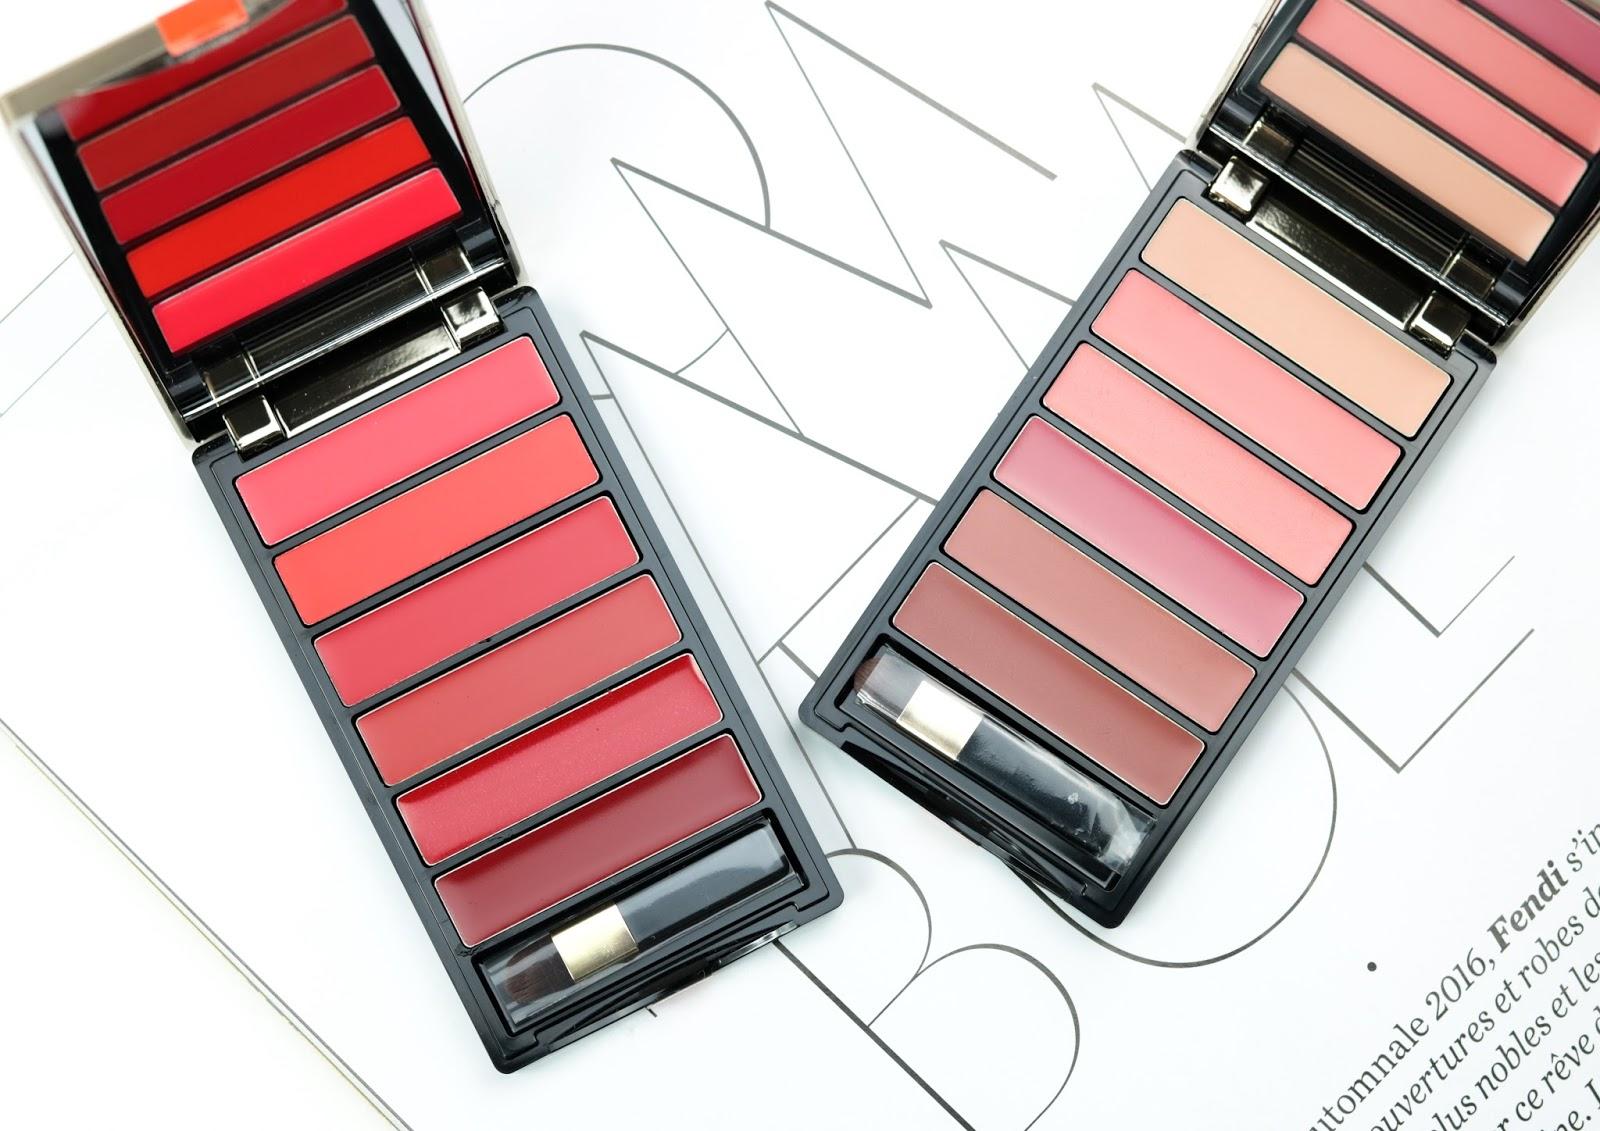 Color Riche de L'Oréal La palette lèvres  Red et Nude Avis et Swatch